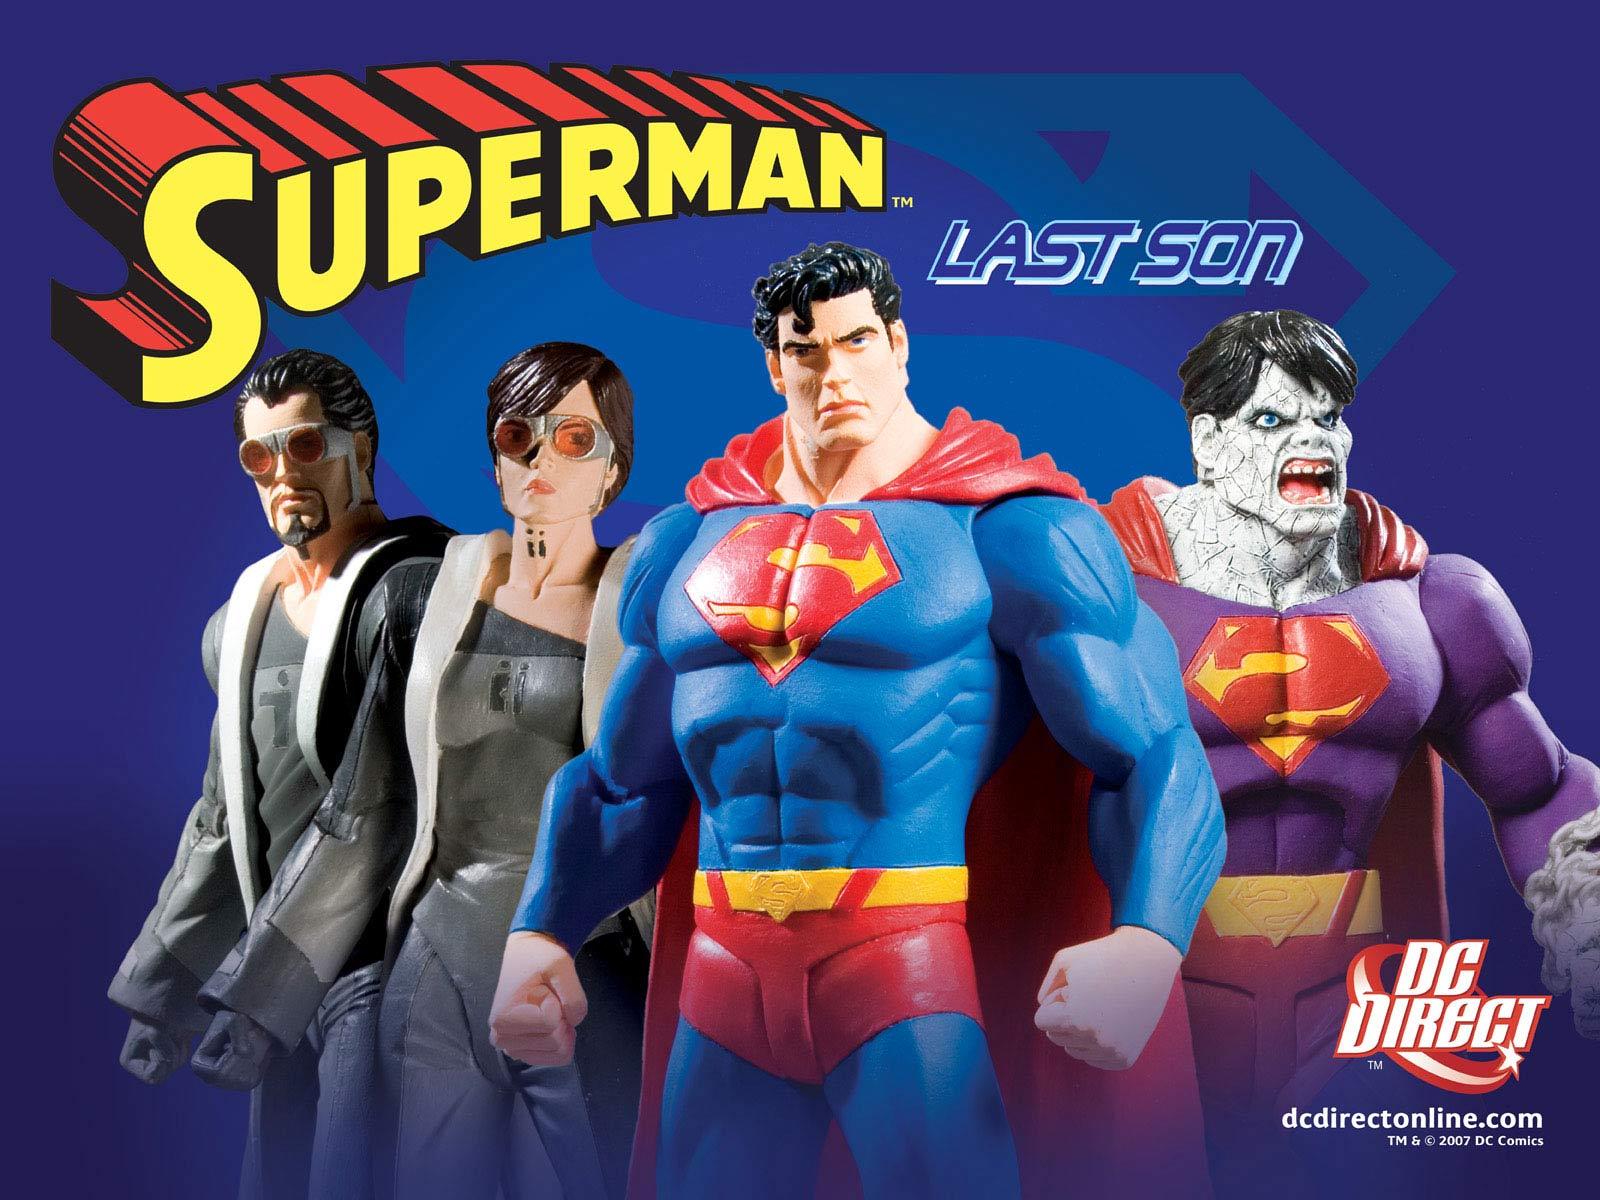 Superman Cartoon wallpaper Download ImageBankbiz 1600x1200